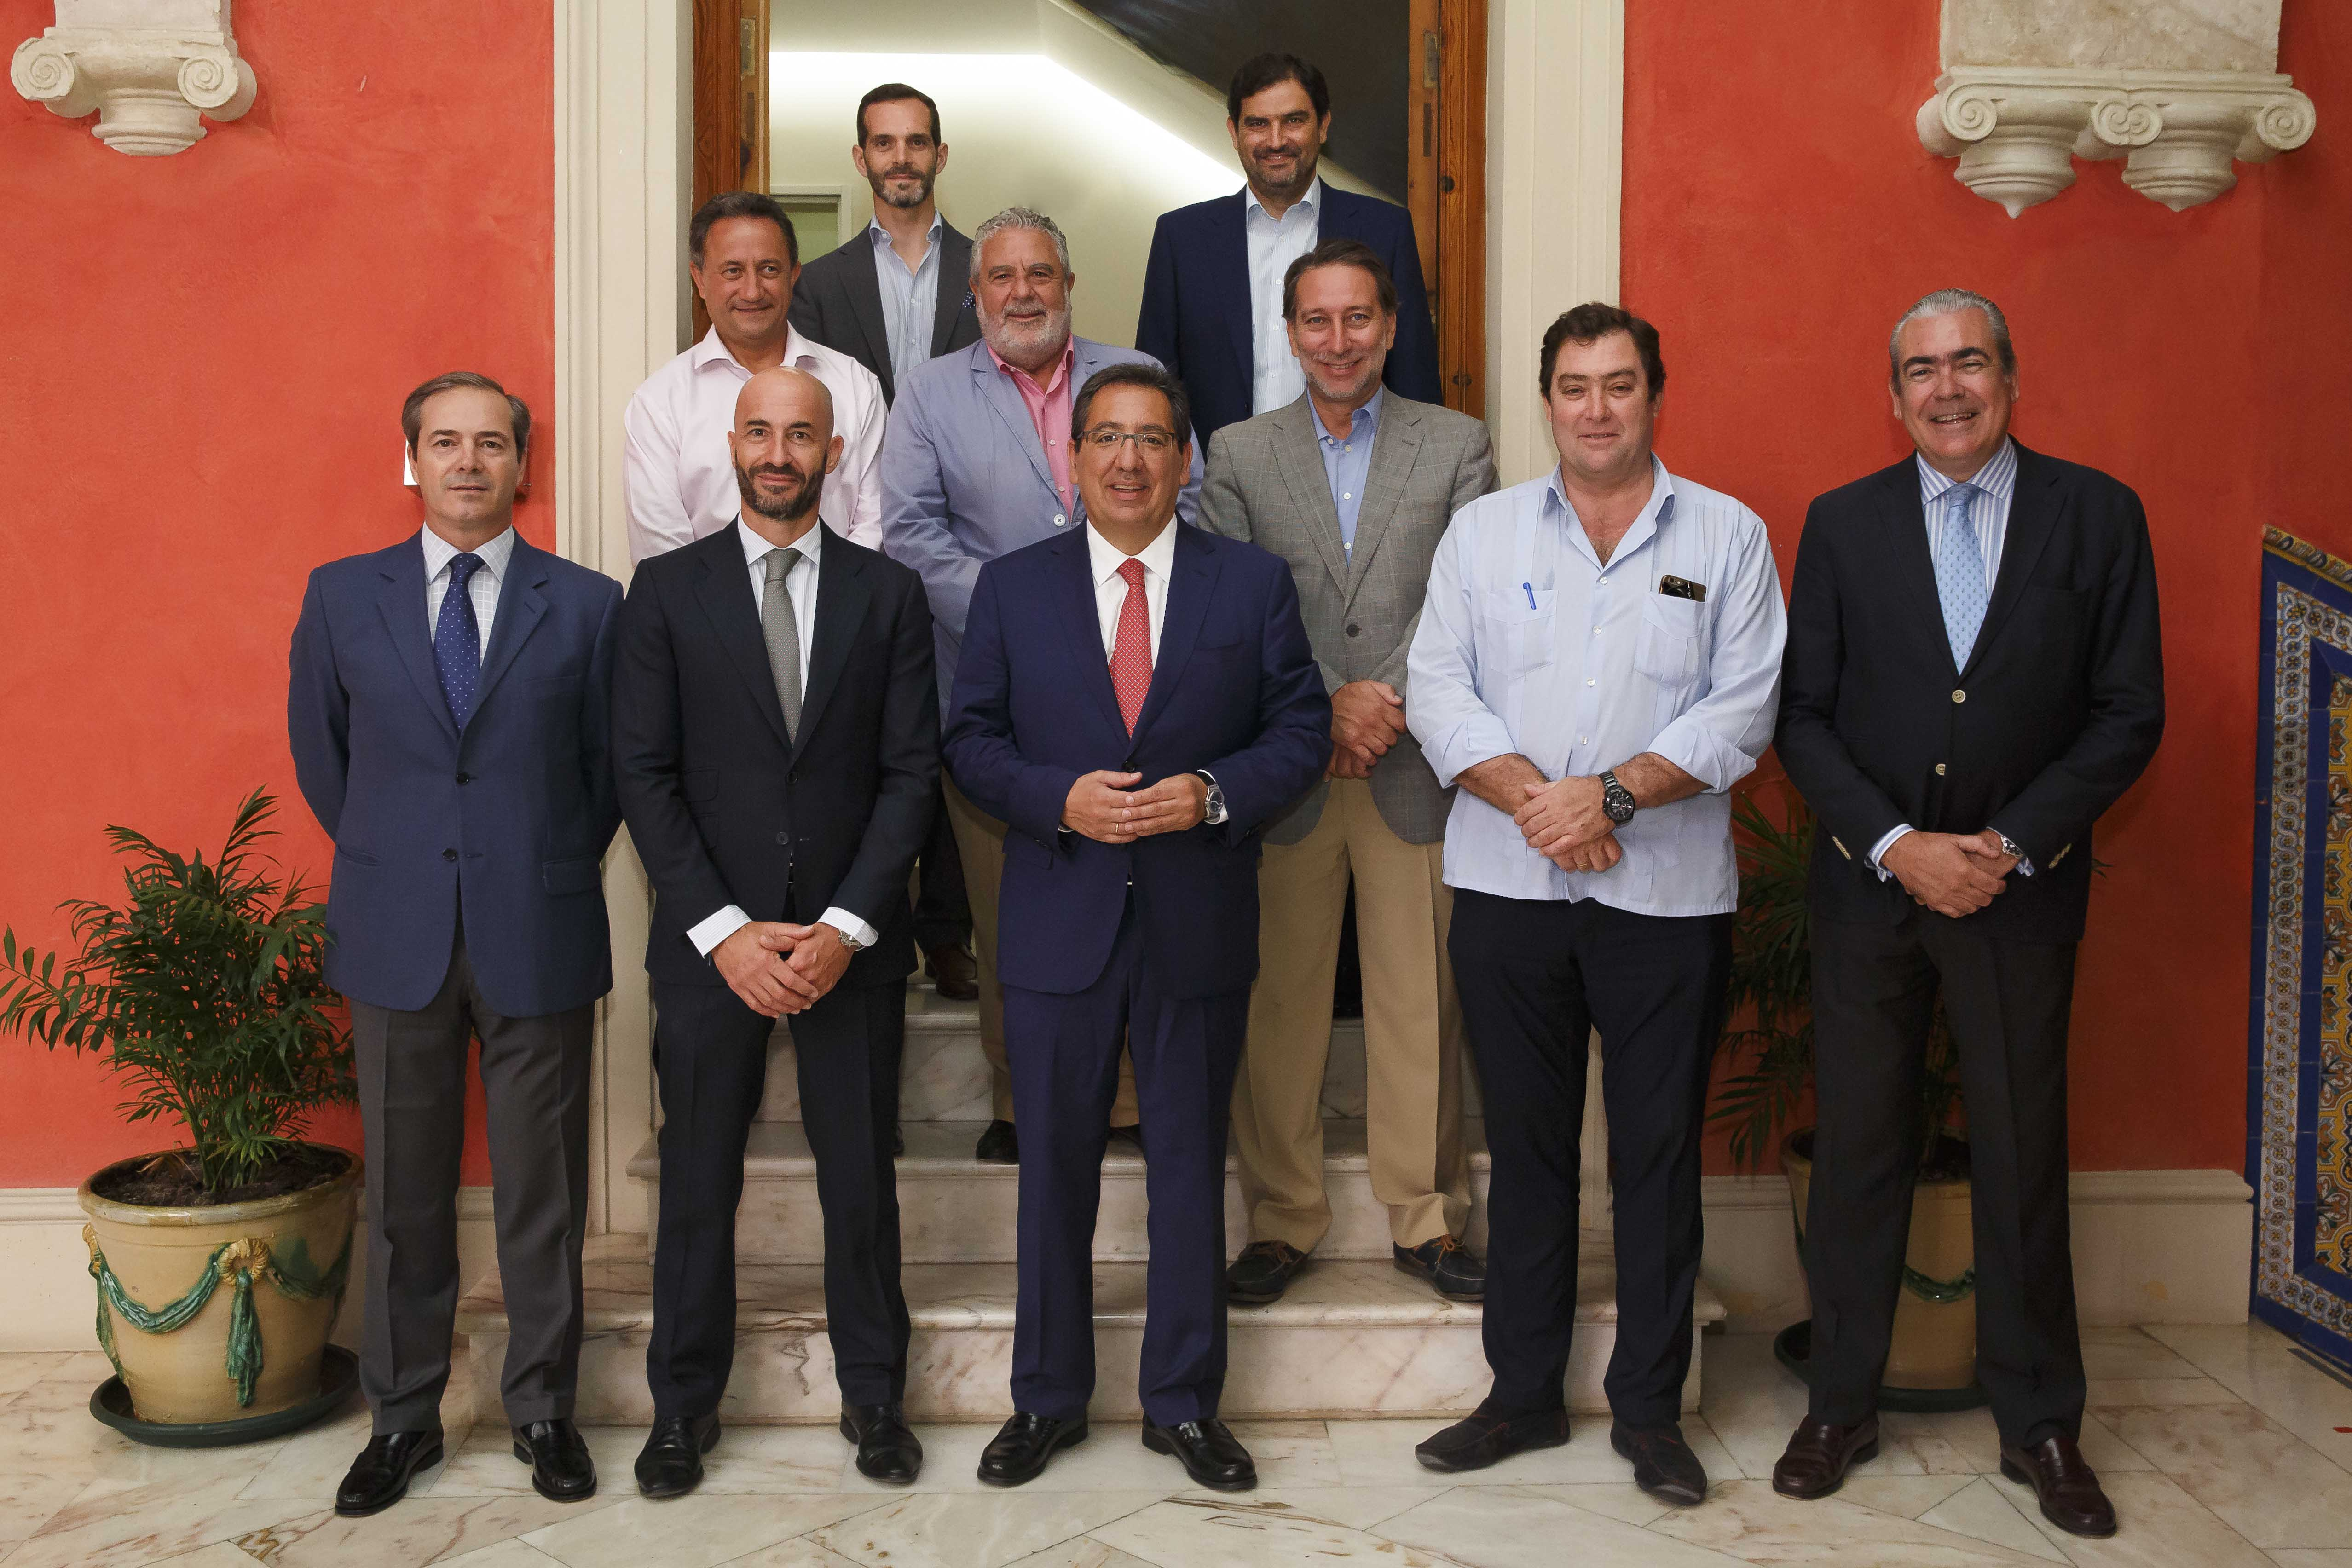 Antonio Pulido, presidente de la Fundación Cajasol, Álvaro Guillén, presidente de LANDALUZ, y miembros del Consejo Asesor de Andaluces Compartiendo